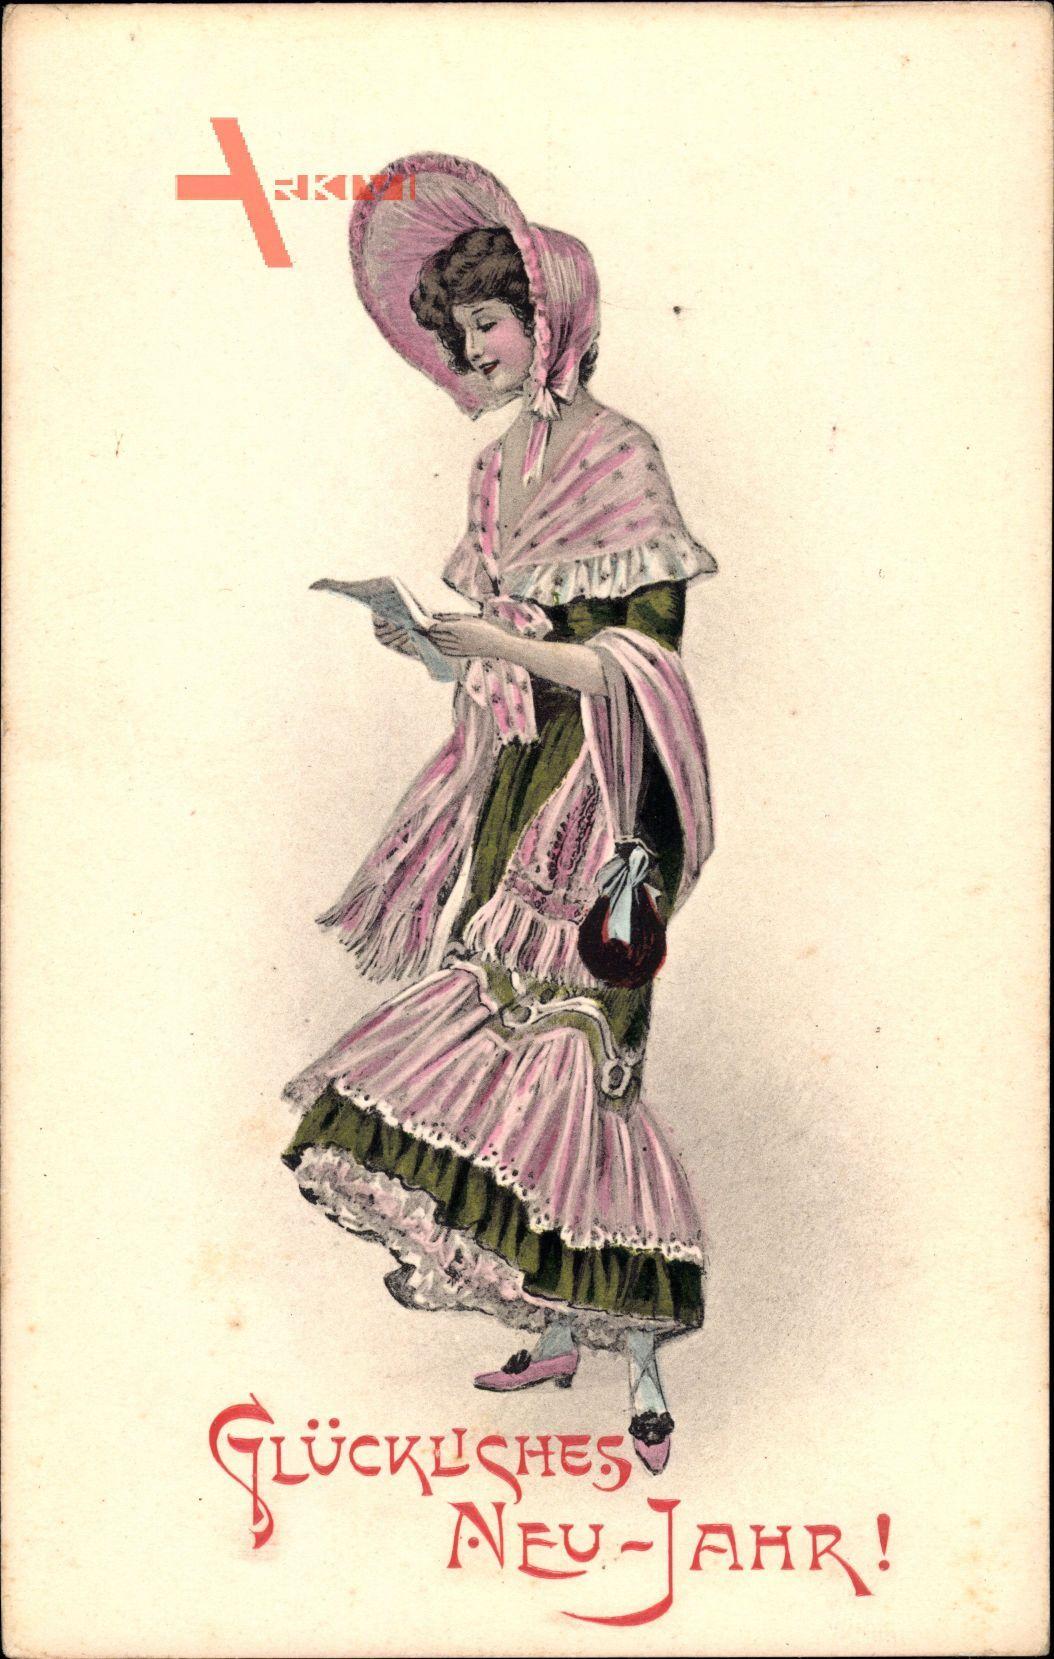 Glückwunsch Neujahr, Junge Frau liest einen Brief, Großer Hut